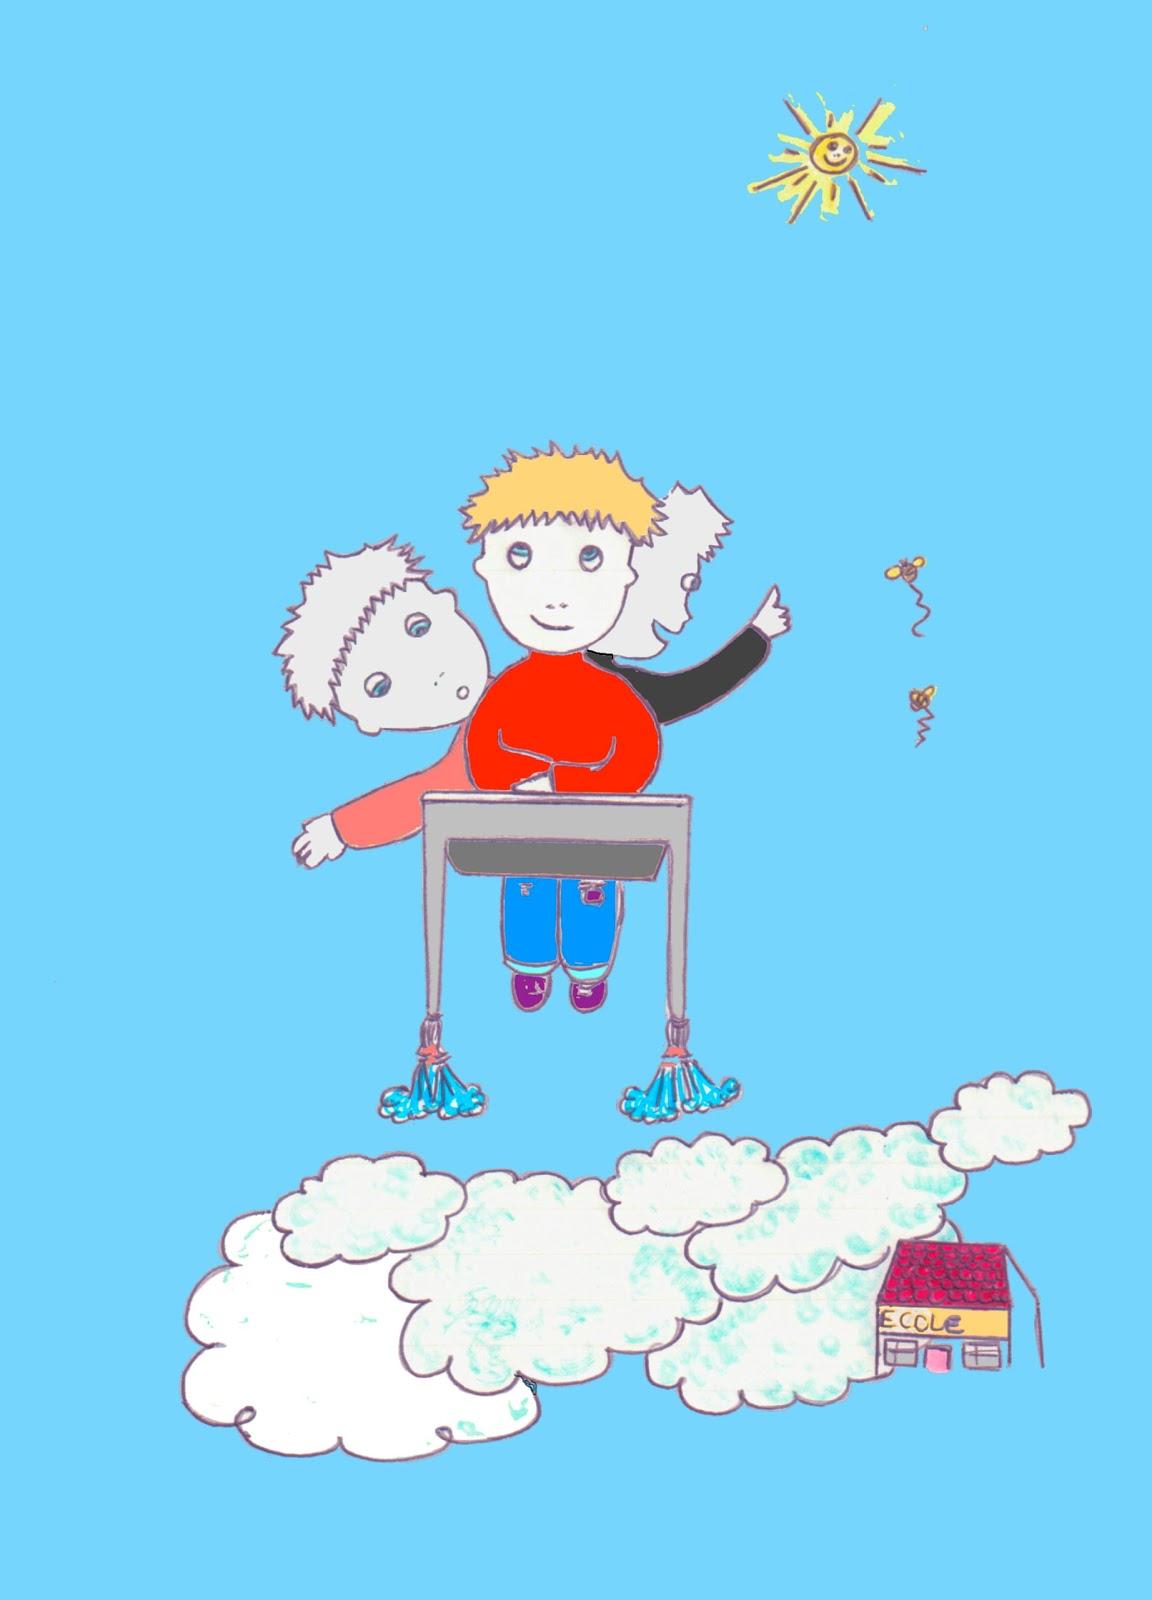 Le traitement médicamenteux du TDAH en France : Le